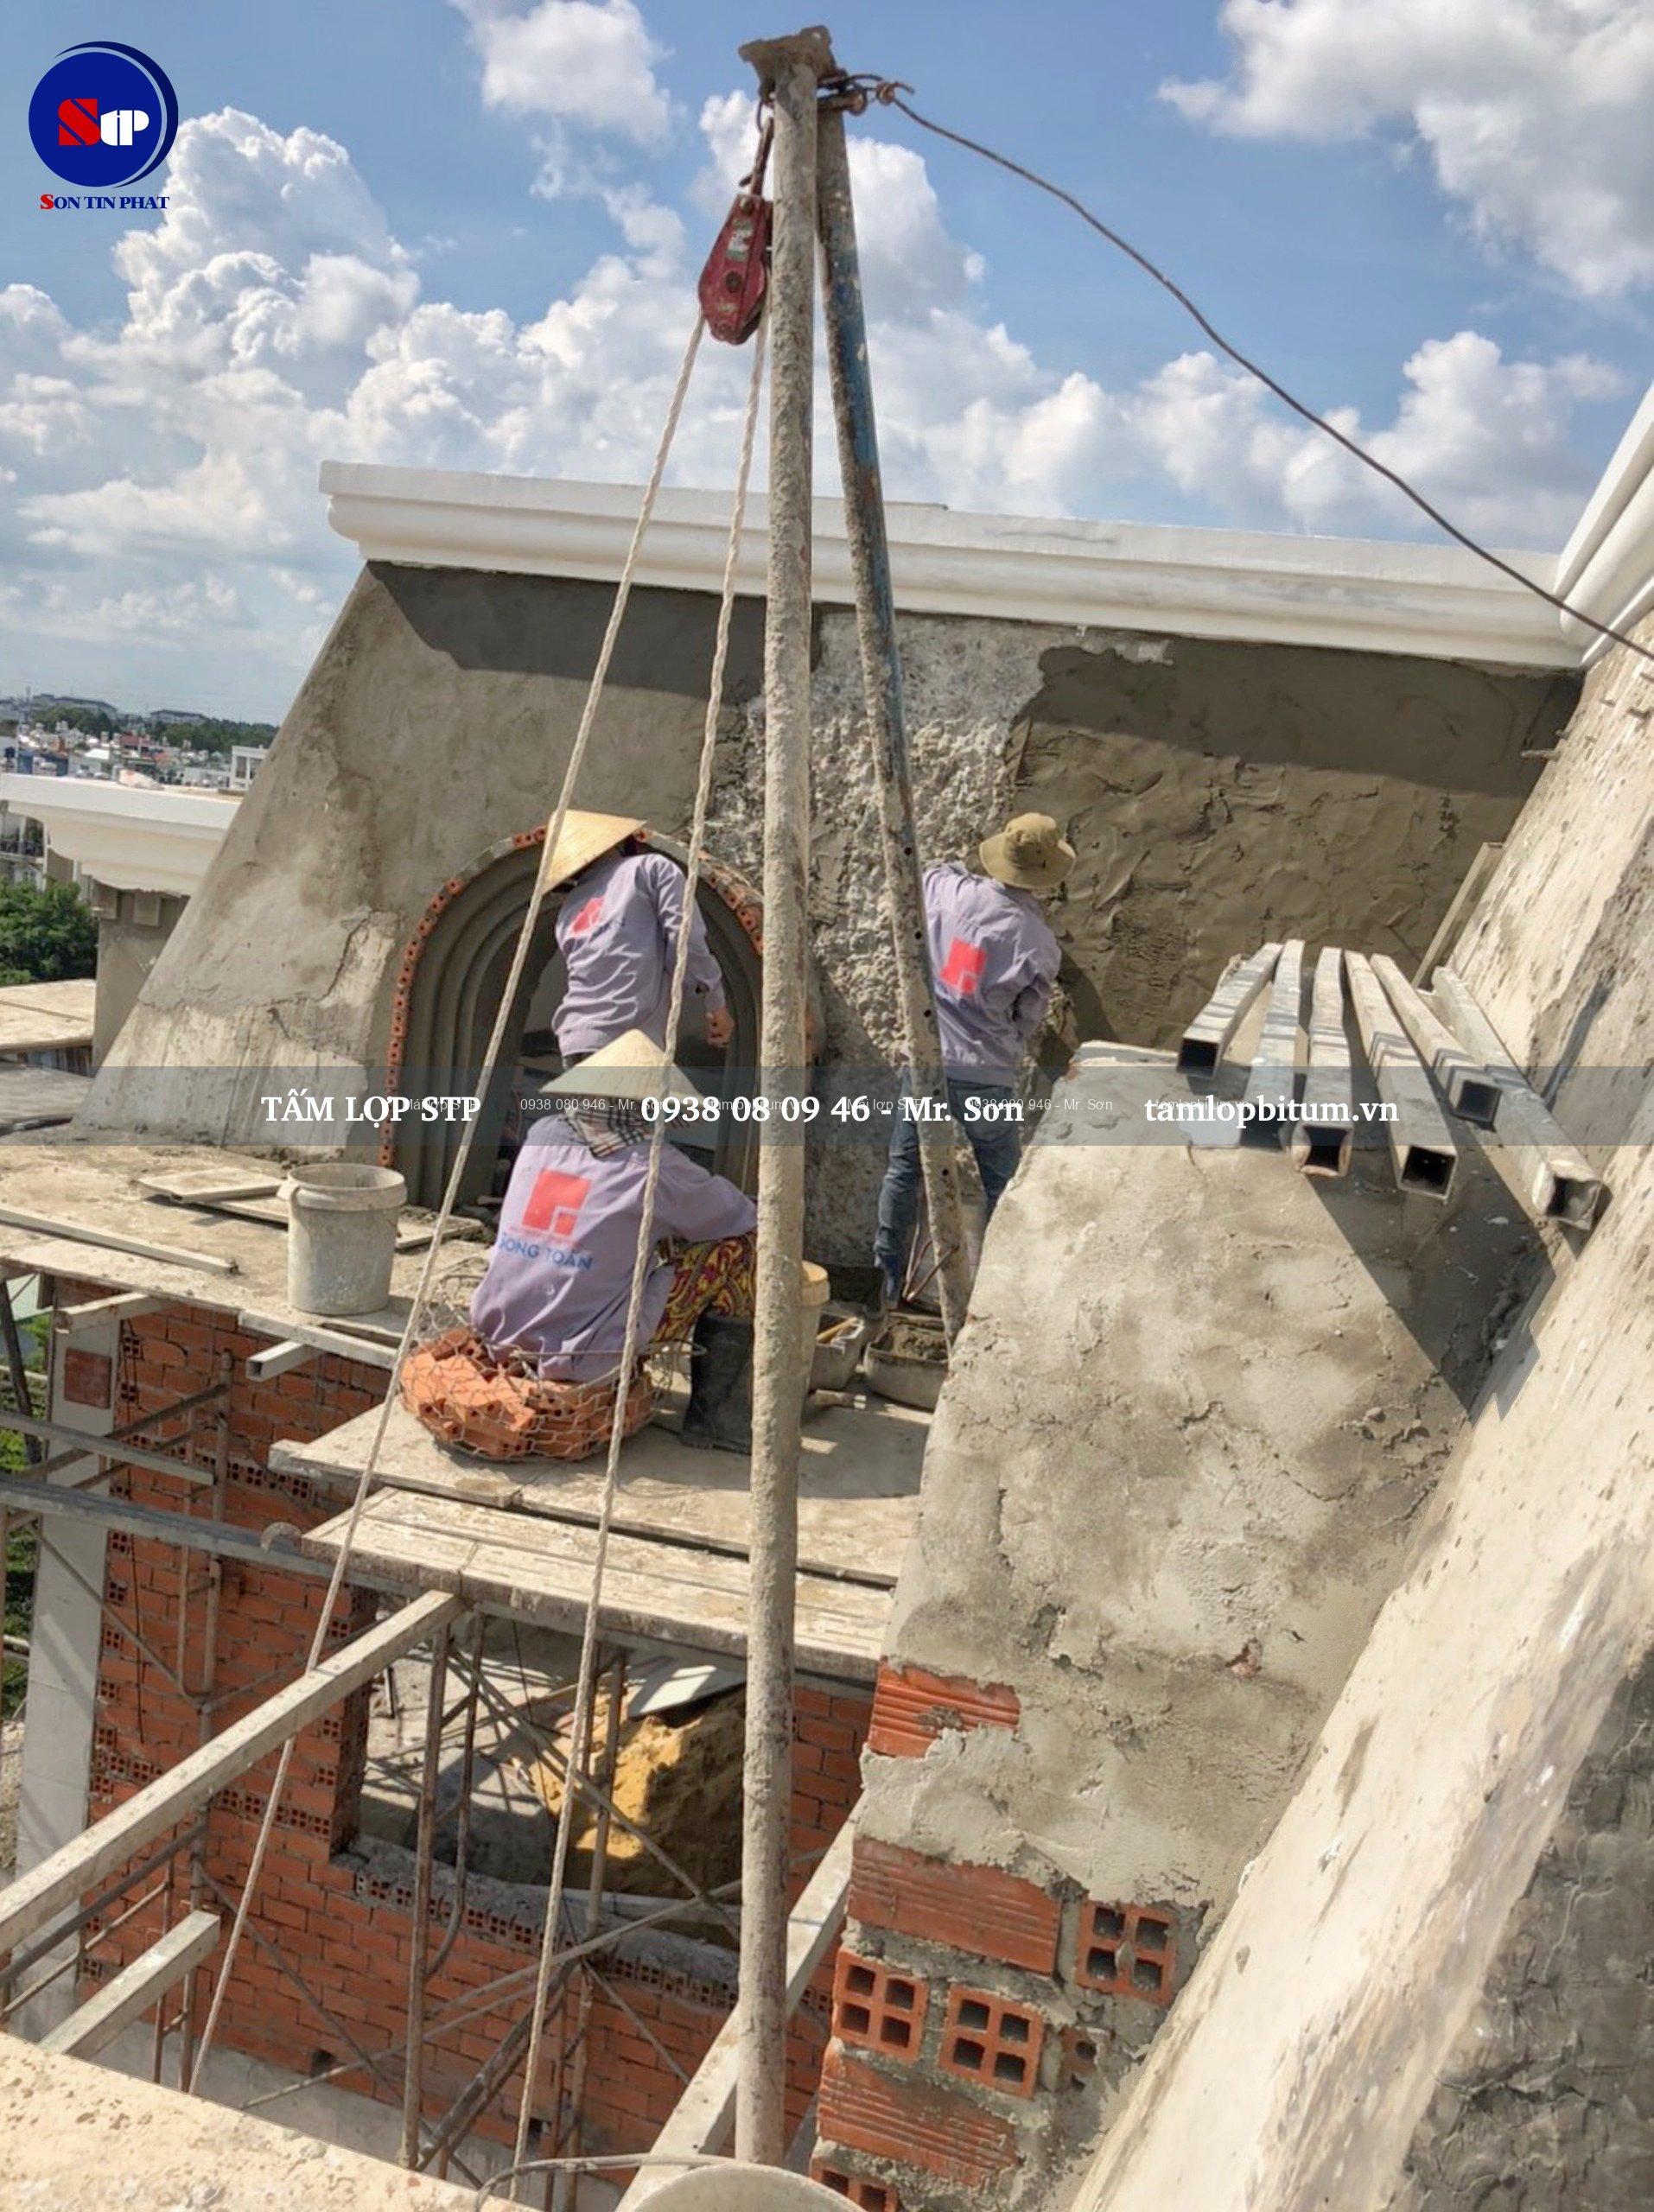 Khâu xử lý bề mặt mái - Cán vữa phẳng lên bề mặt bê tông